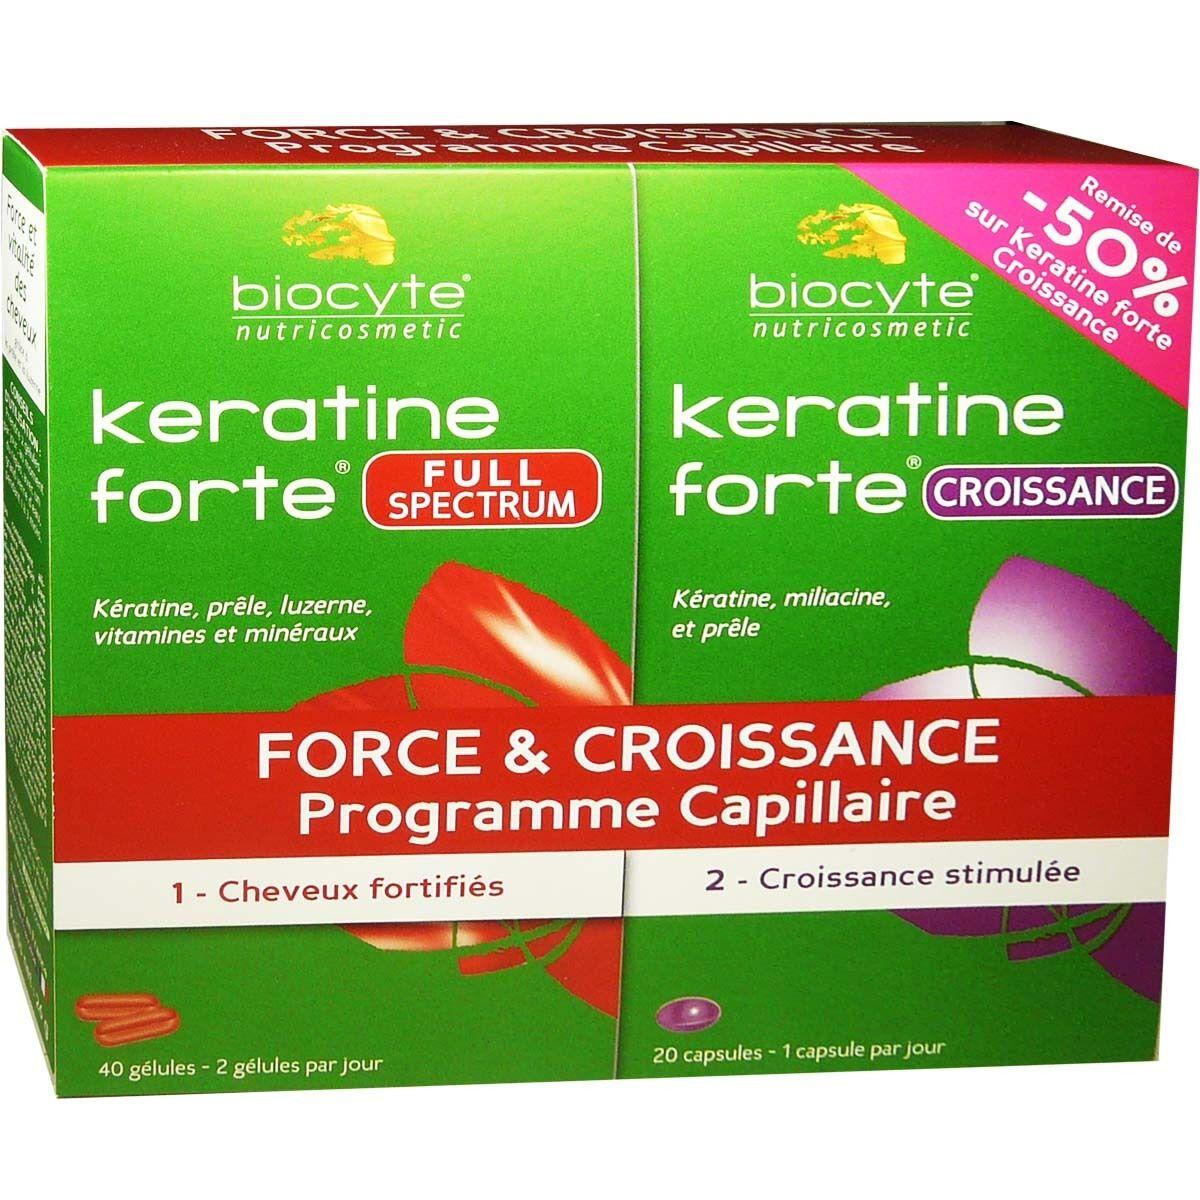 Biocyte keratine forte full spectrum 40 gelules et keratine forte croissance 20 capsules